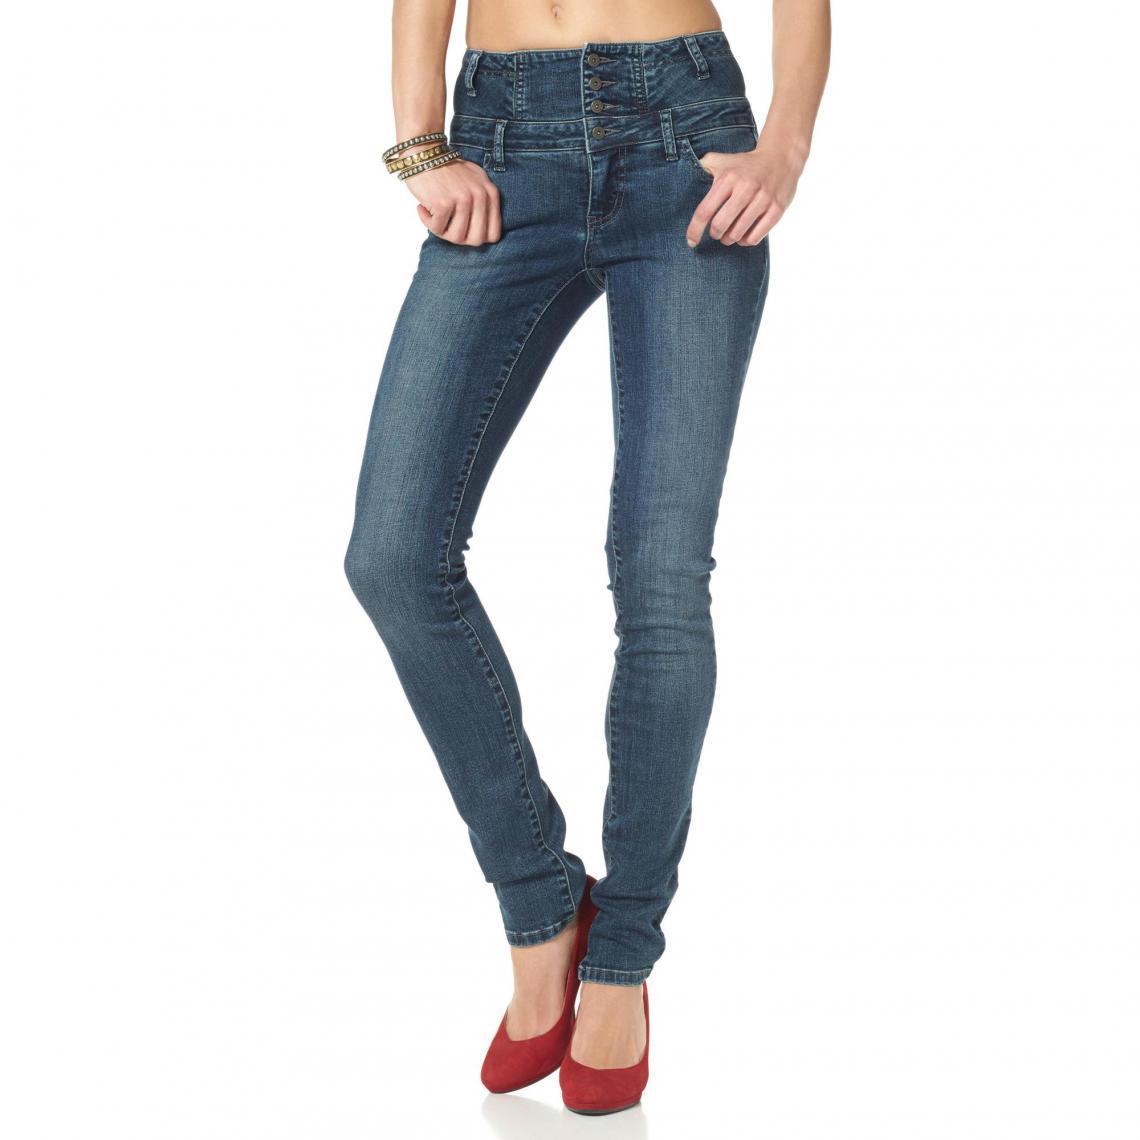 7097deef34a0 Jean slim taille haute Arizona - Bleu Arizona Femme